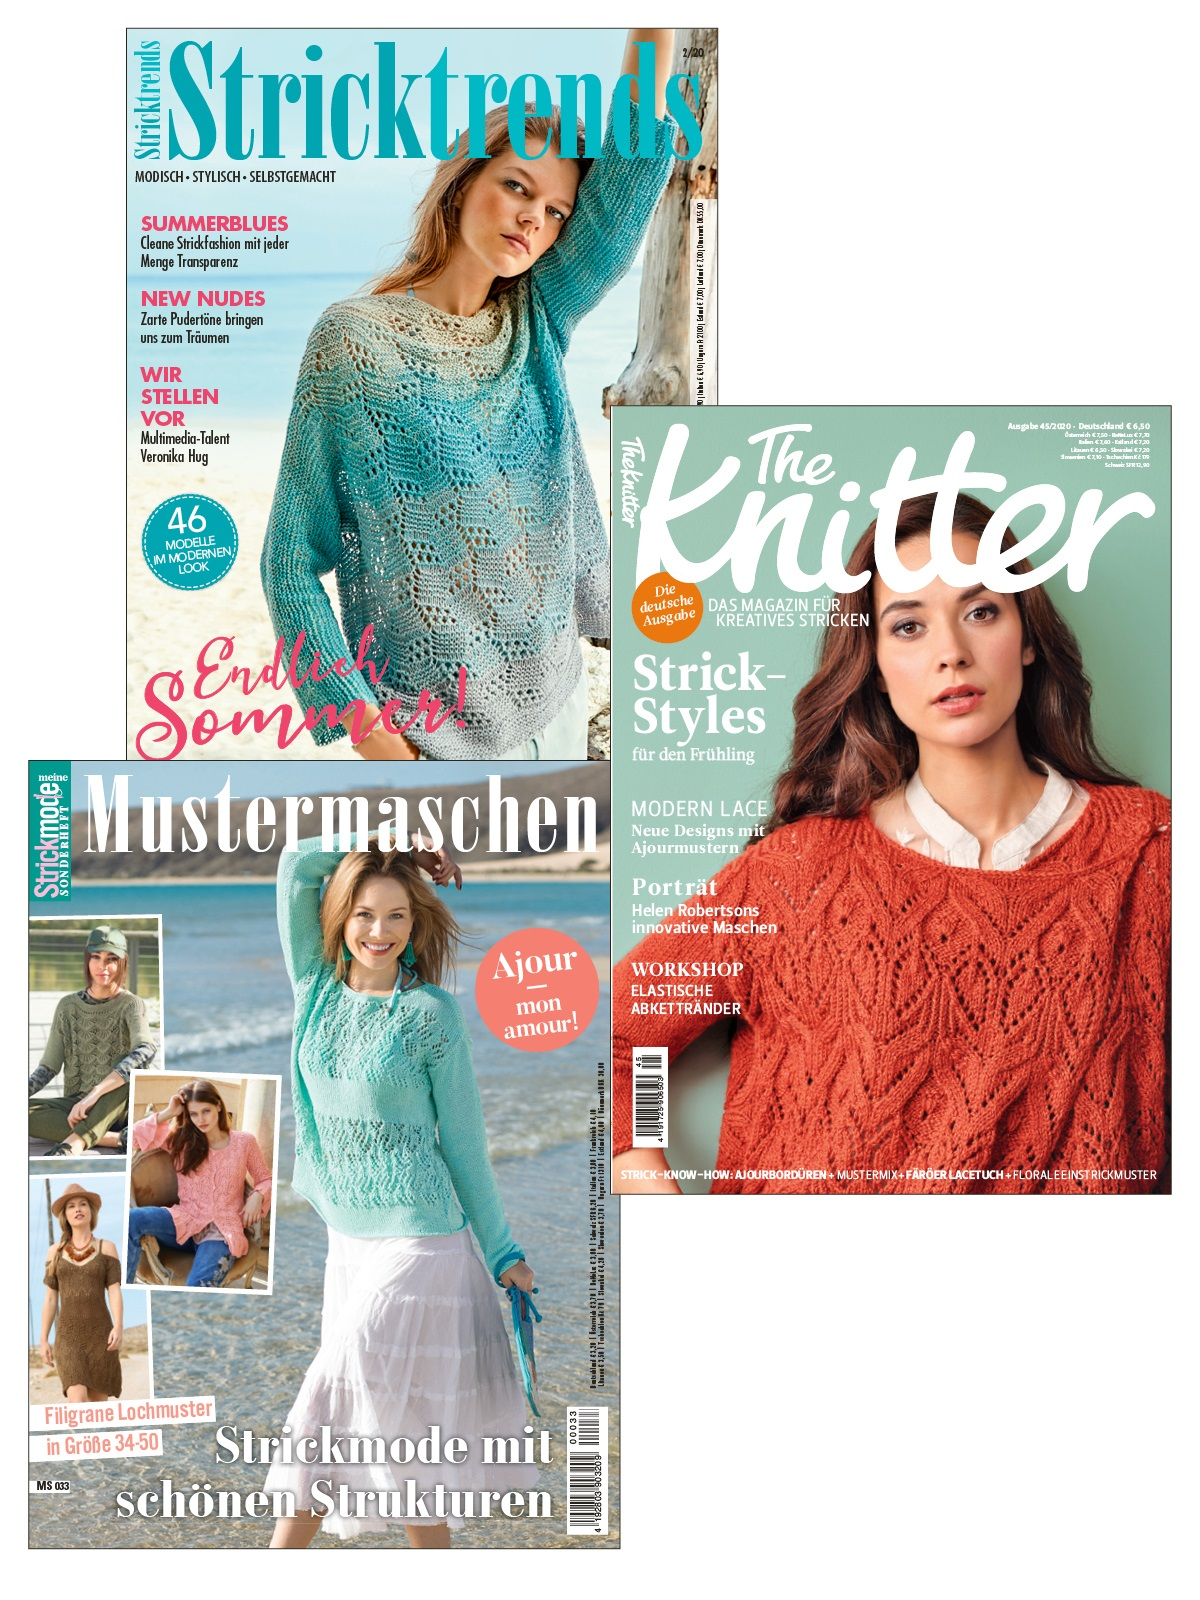 3 Zeitschriften statt 15,60 € nur 7,80 € - Stricktrends 02/2020, The Knitter 45/2020 und Meine Strickmode MS 033